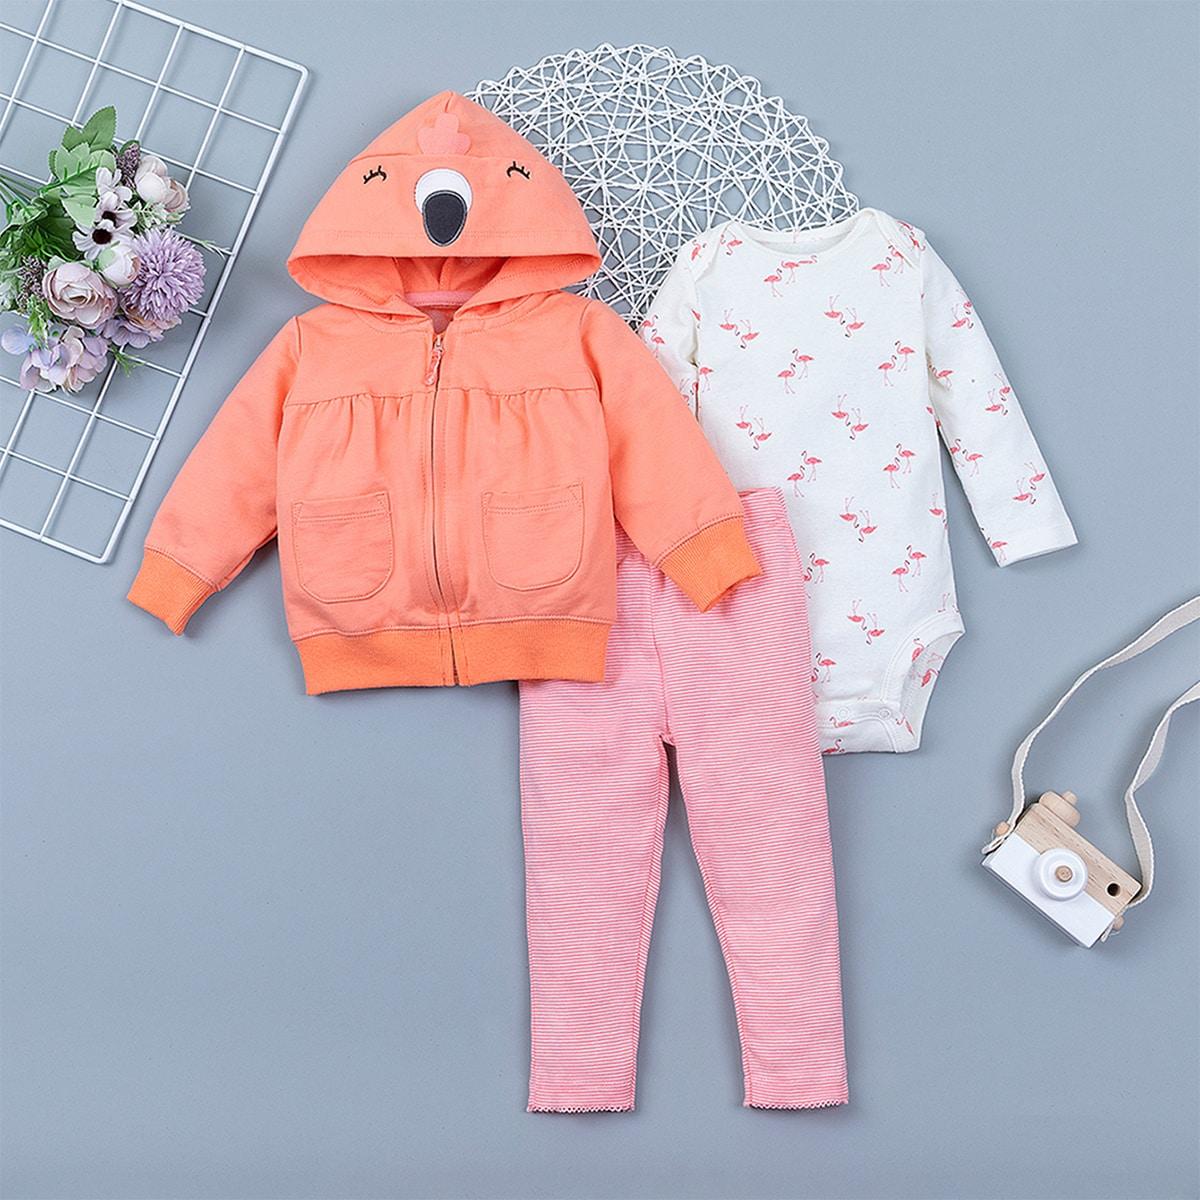 Куртка на молнии, брюки в полоску и боди с принтом фламинго для девочек